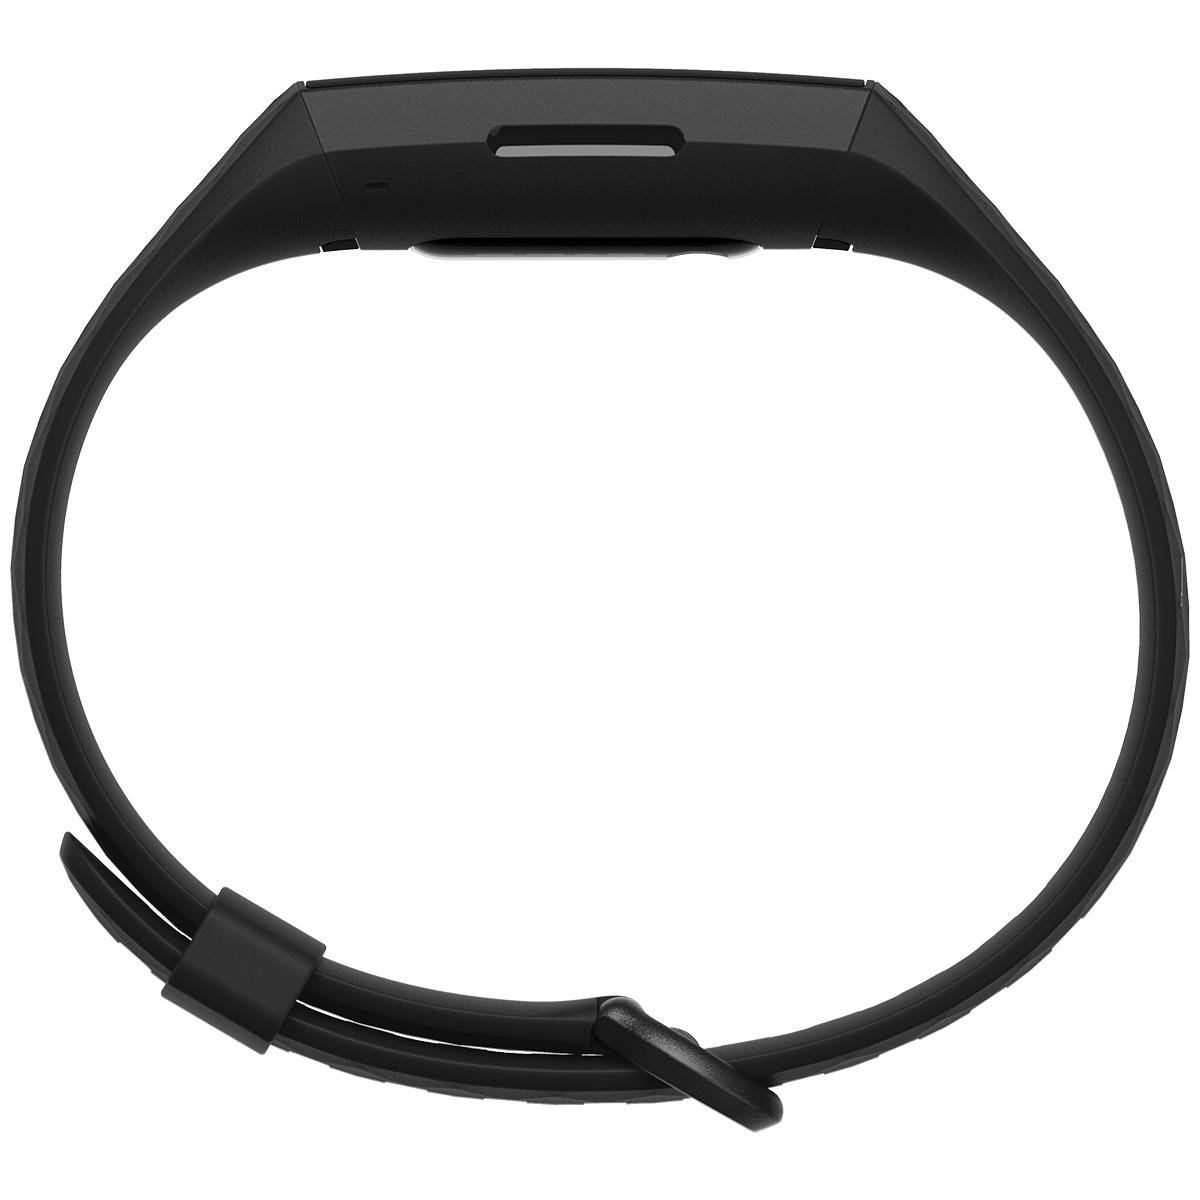 fitbit フィットビット charge4 チャージ4 フィットネス トラッカー ウェアラブル端末 腕時計 ブラック FB417BKBK-FRCJK